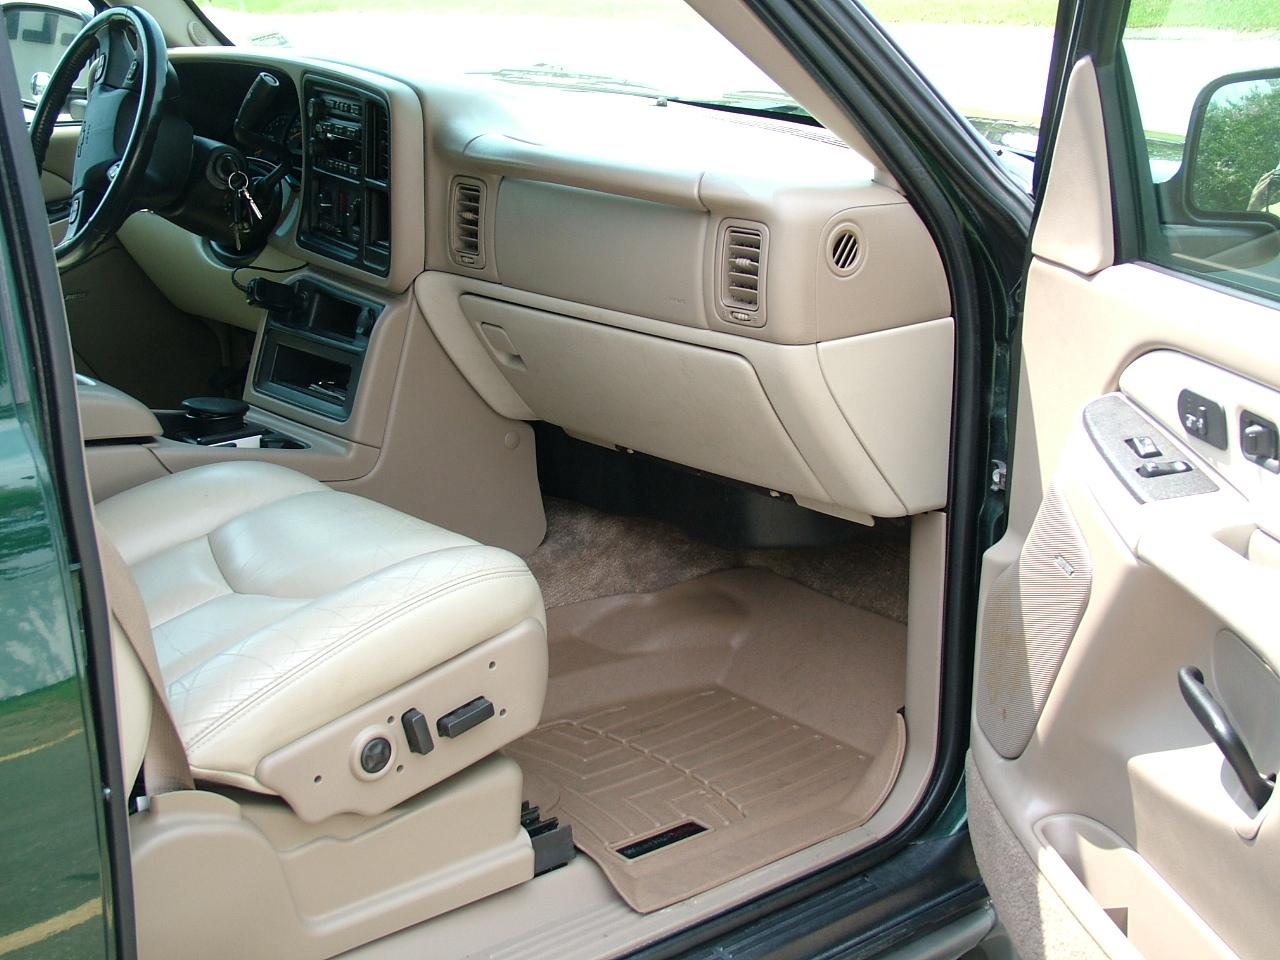 2003 chevrolet suburban interior pictures cargurus - Chevrolet suburban interior dimensions ...